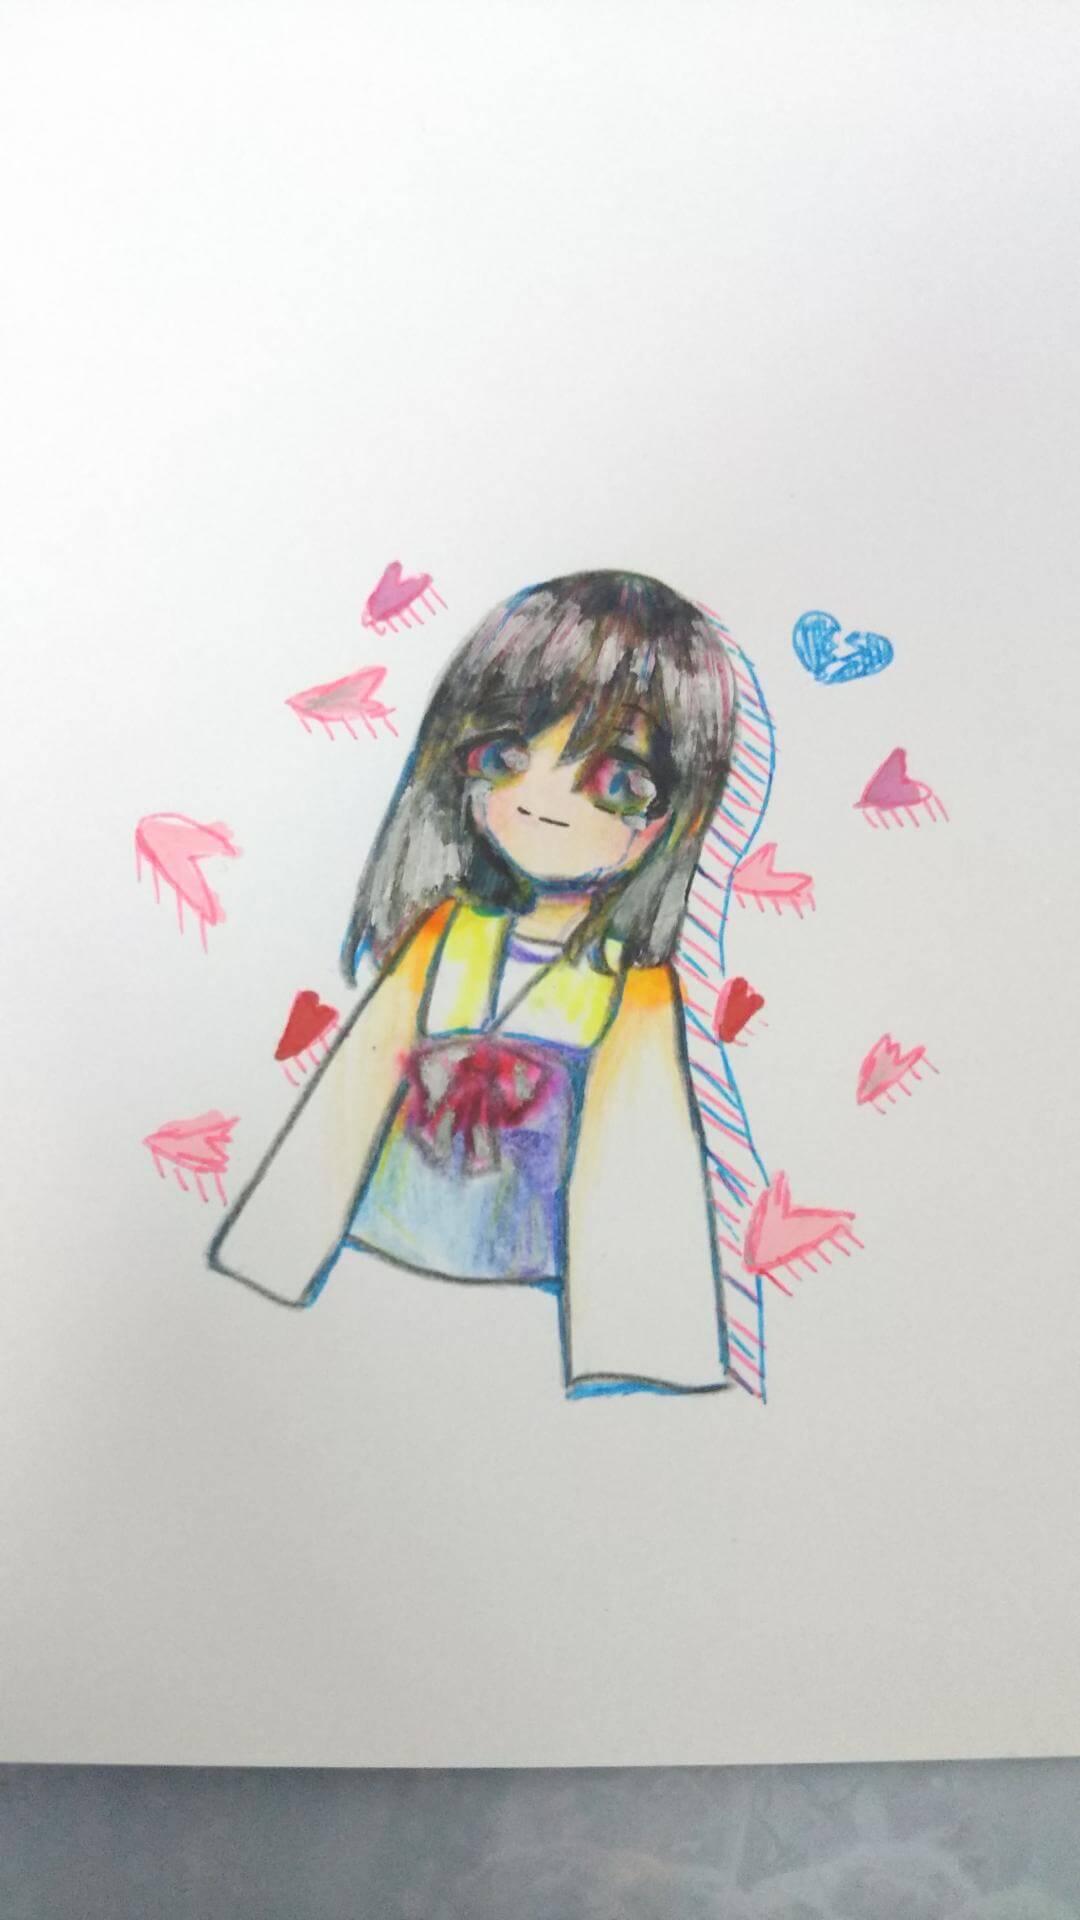 綺麗に散った恋 イラストコンテスト 春をテーマにイラストを描いて